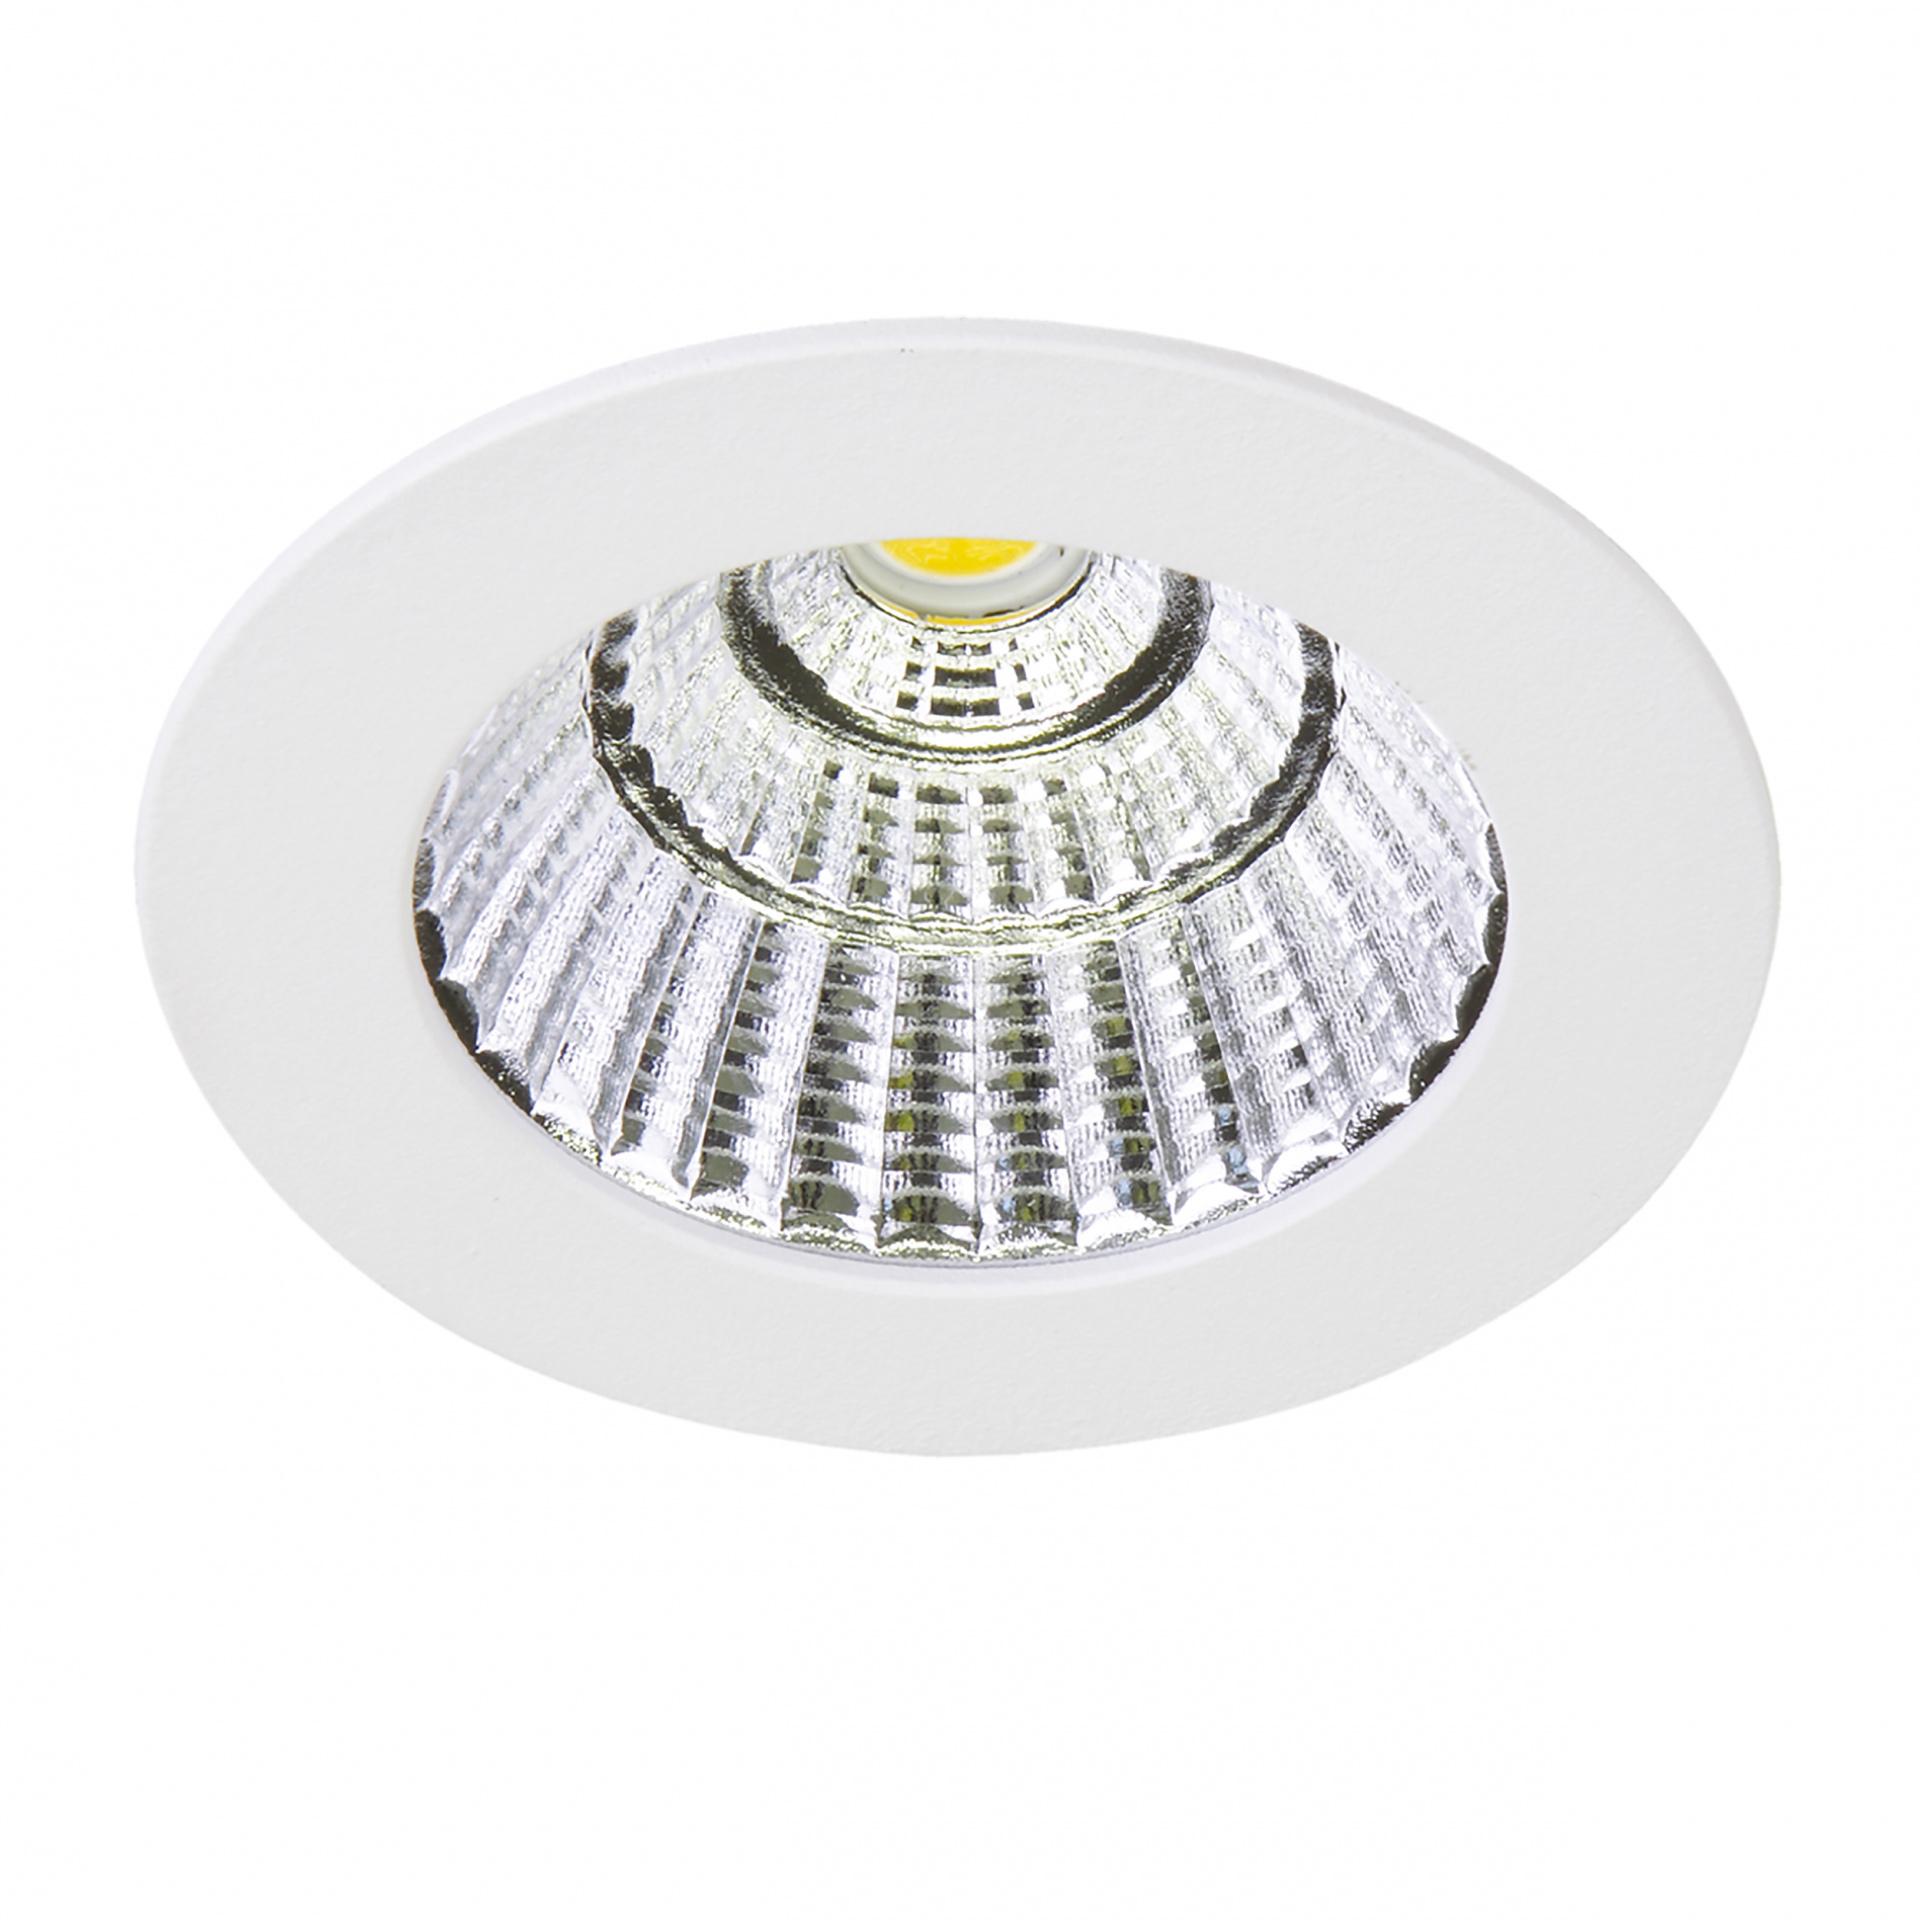 Светильник SOFFI 11 LED 7W 630LM 40G белый 3000K Lightstar 212416, купить в СПб, Москве, с доставкой, Санкт-Петербург, интернет-магазин люстр и светильников Starlight, фото в жизни